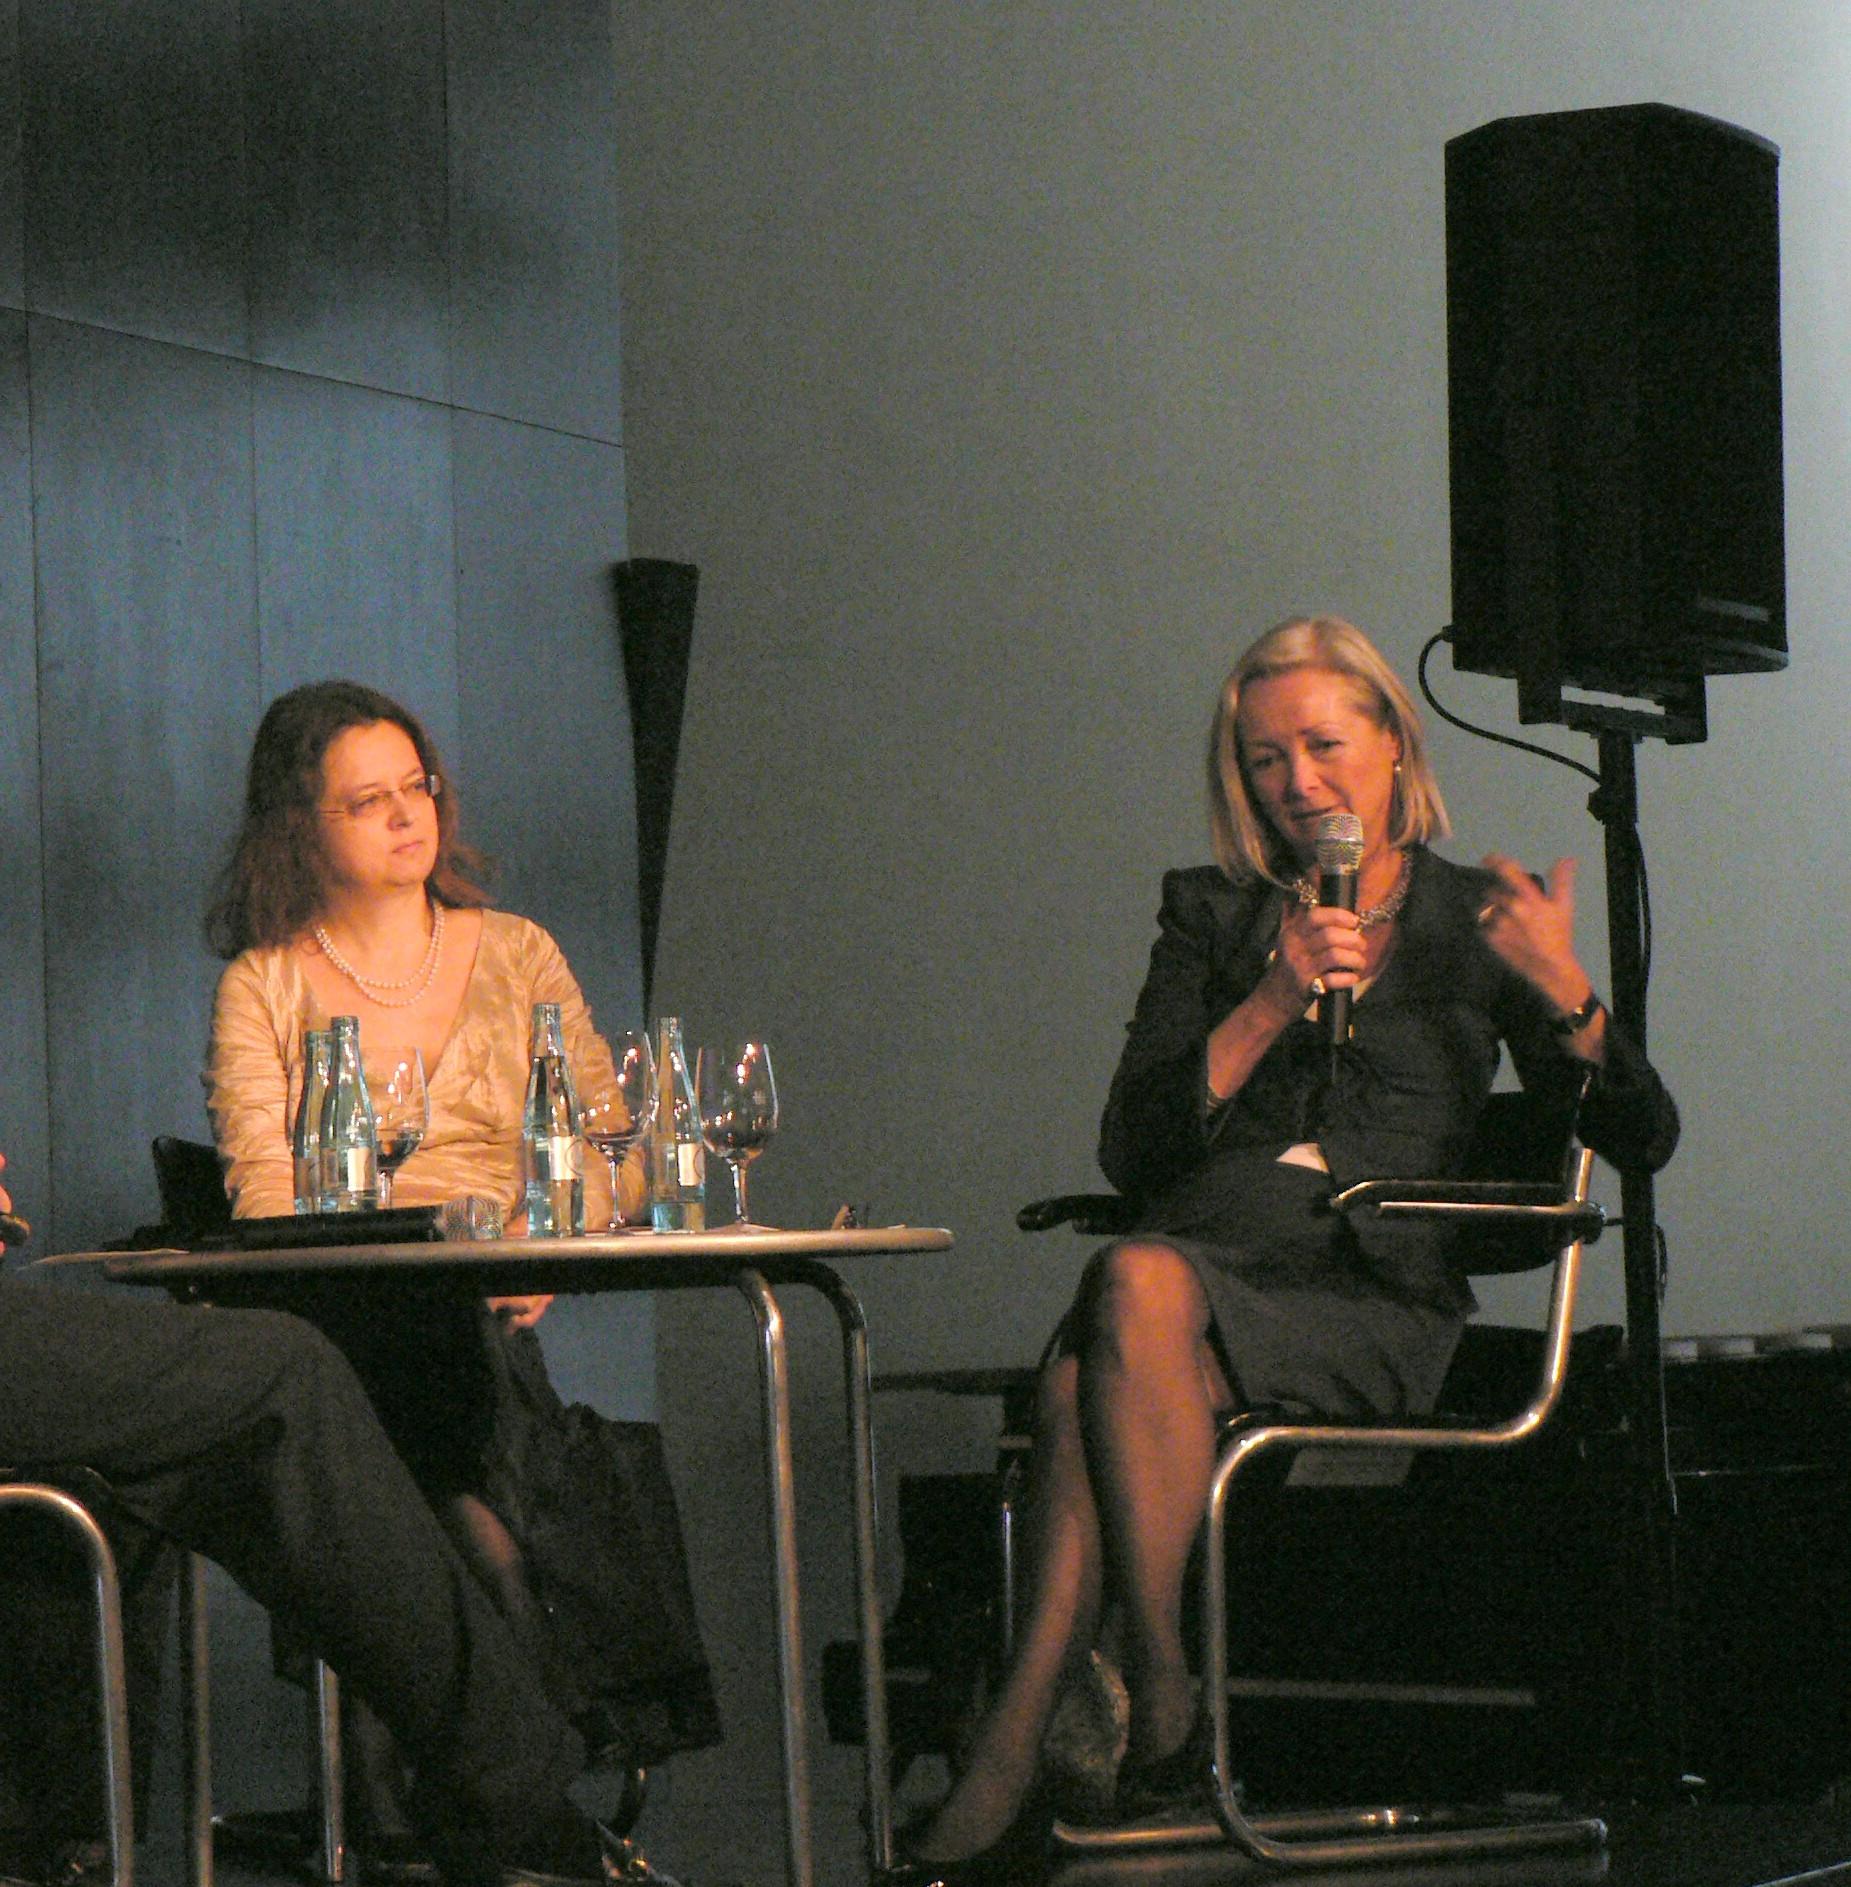 Buchpremiere Schwarzkopf Deutsche Oper Berlin 17.12.2007 (mit Annemarie Schindler)